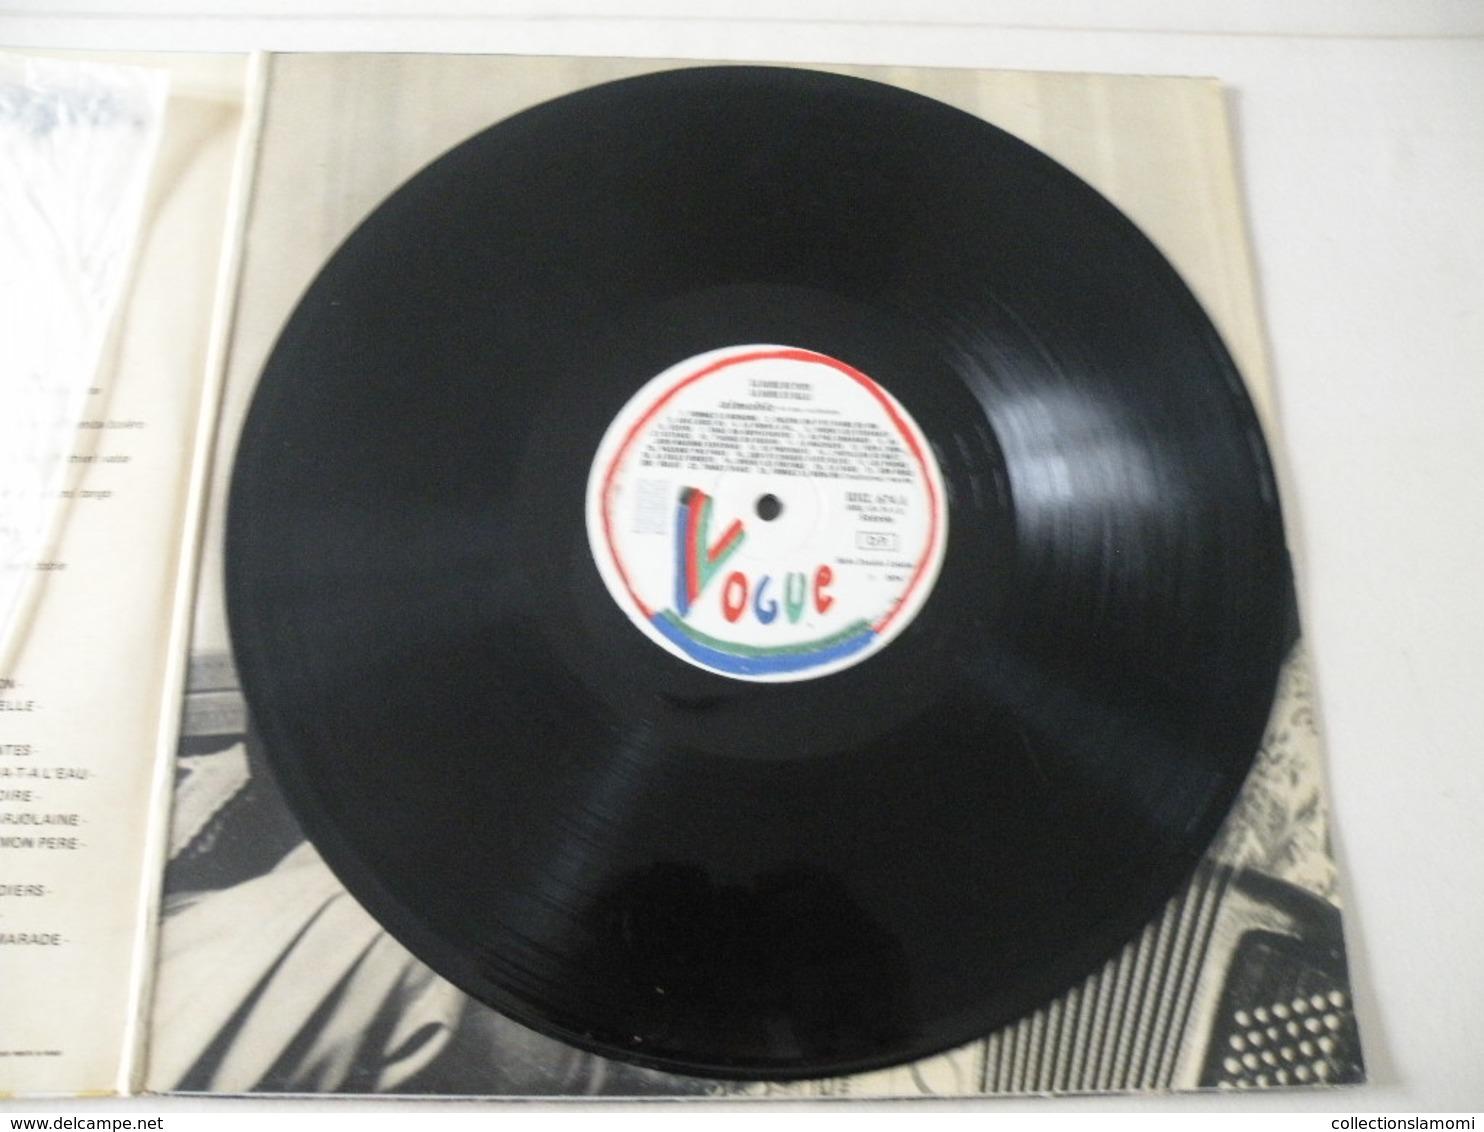 Aimable Et Son Orchestre (accordéon) 1974 - (Titres Sur Photos) - Vinyle 33 T LP Double Album - Instrumental